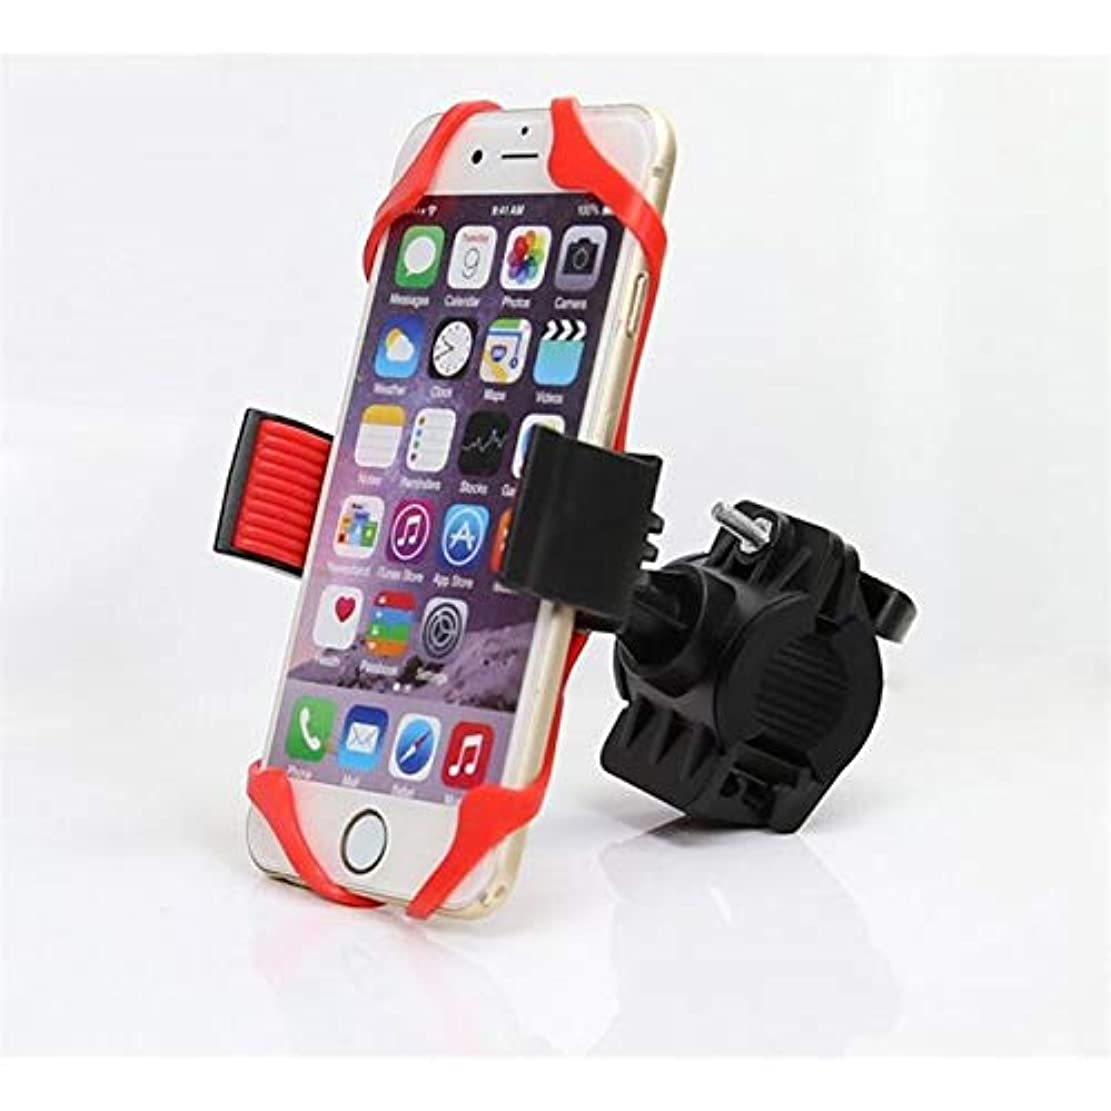 概要つま先買うJicorzo - iPhoneの小米科技GPSユニバーサル用シリコーン360度回転可能でバイク自転車オートバイハンドルマウントホルダー携帯電話ホルダー